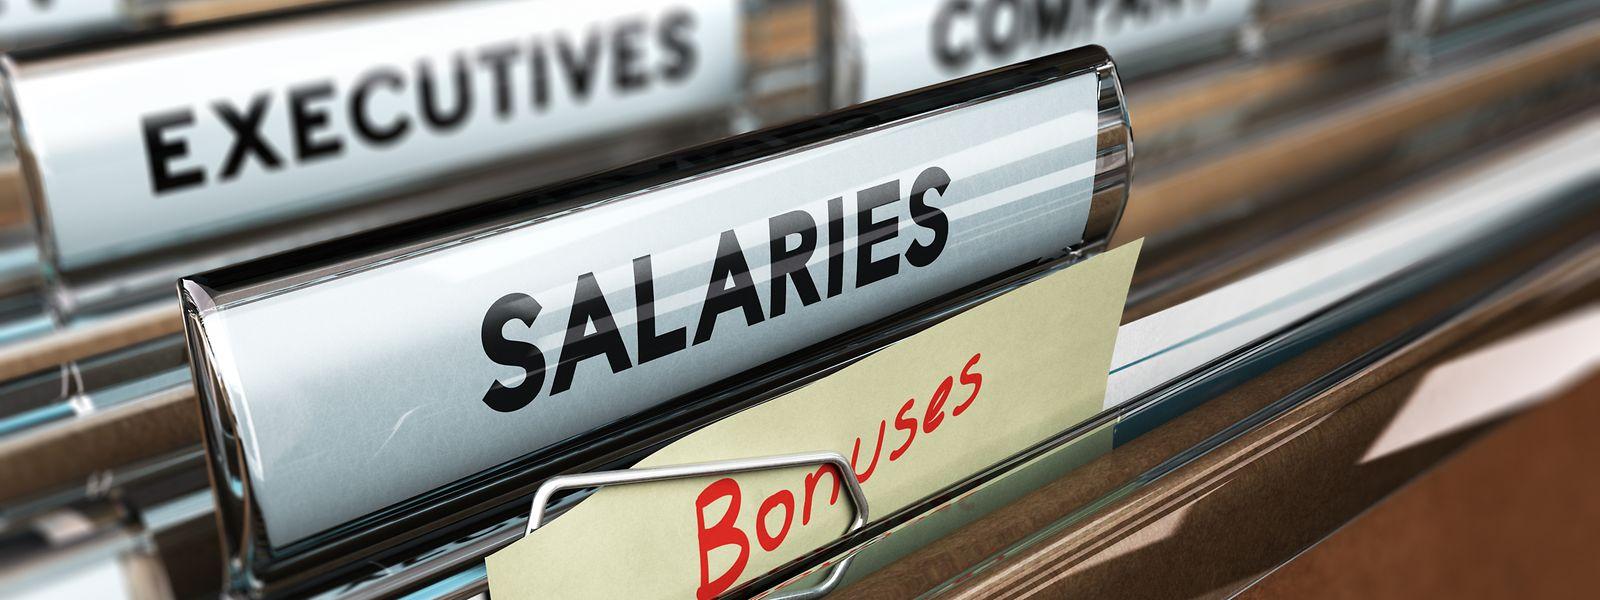 Wie hoch die Gehälter am Luxemburger Finanzplatz sind, bleibt schwer einzuschätzen – in den Berechnungen sind nicht die Boni und andere Nebenleistungen inbegriffen.